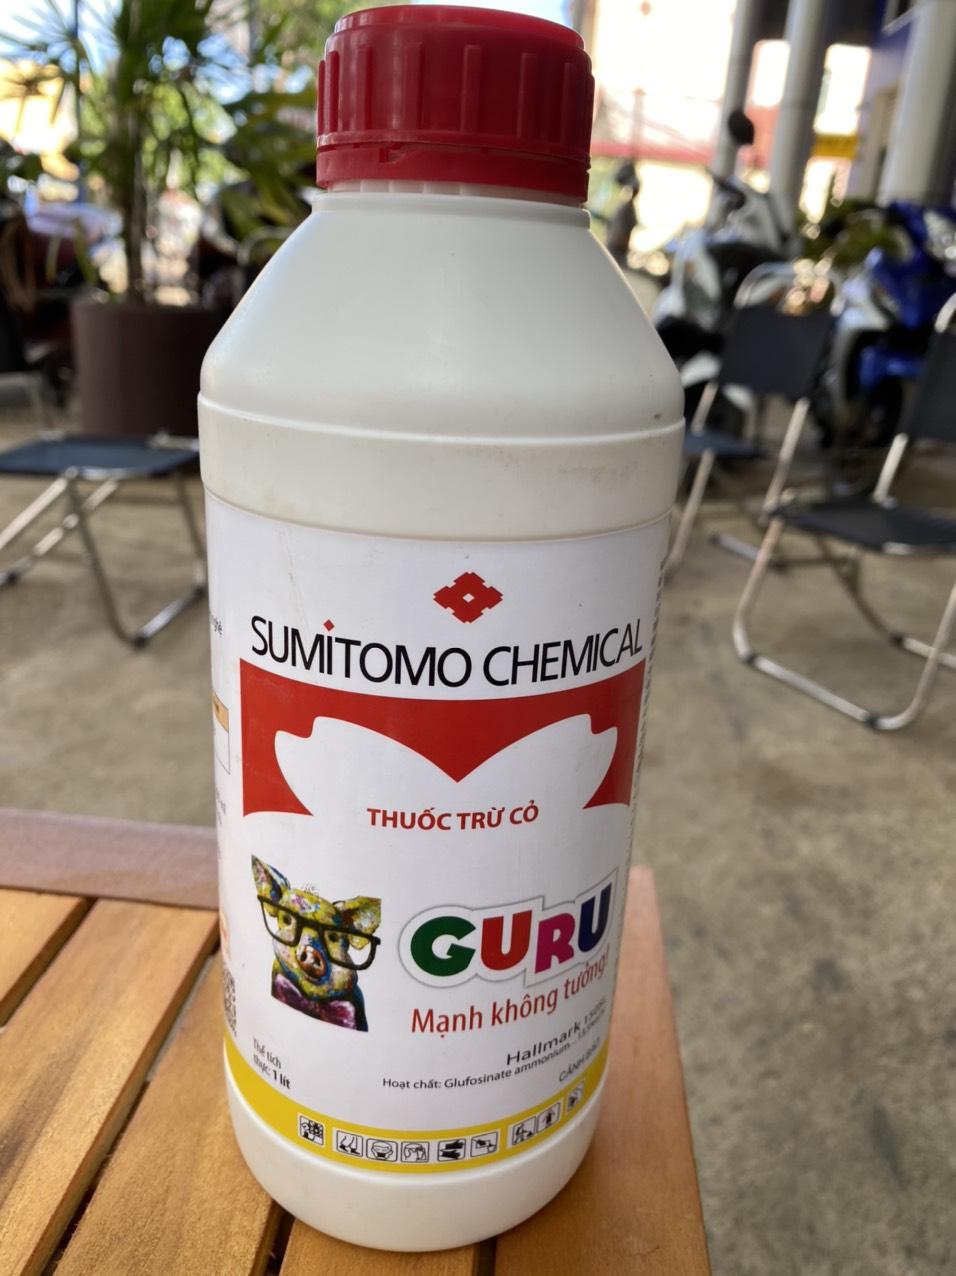 Thuốc cỏ cháy thế hệ mới Guru 150SL